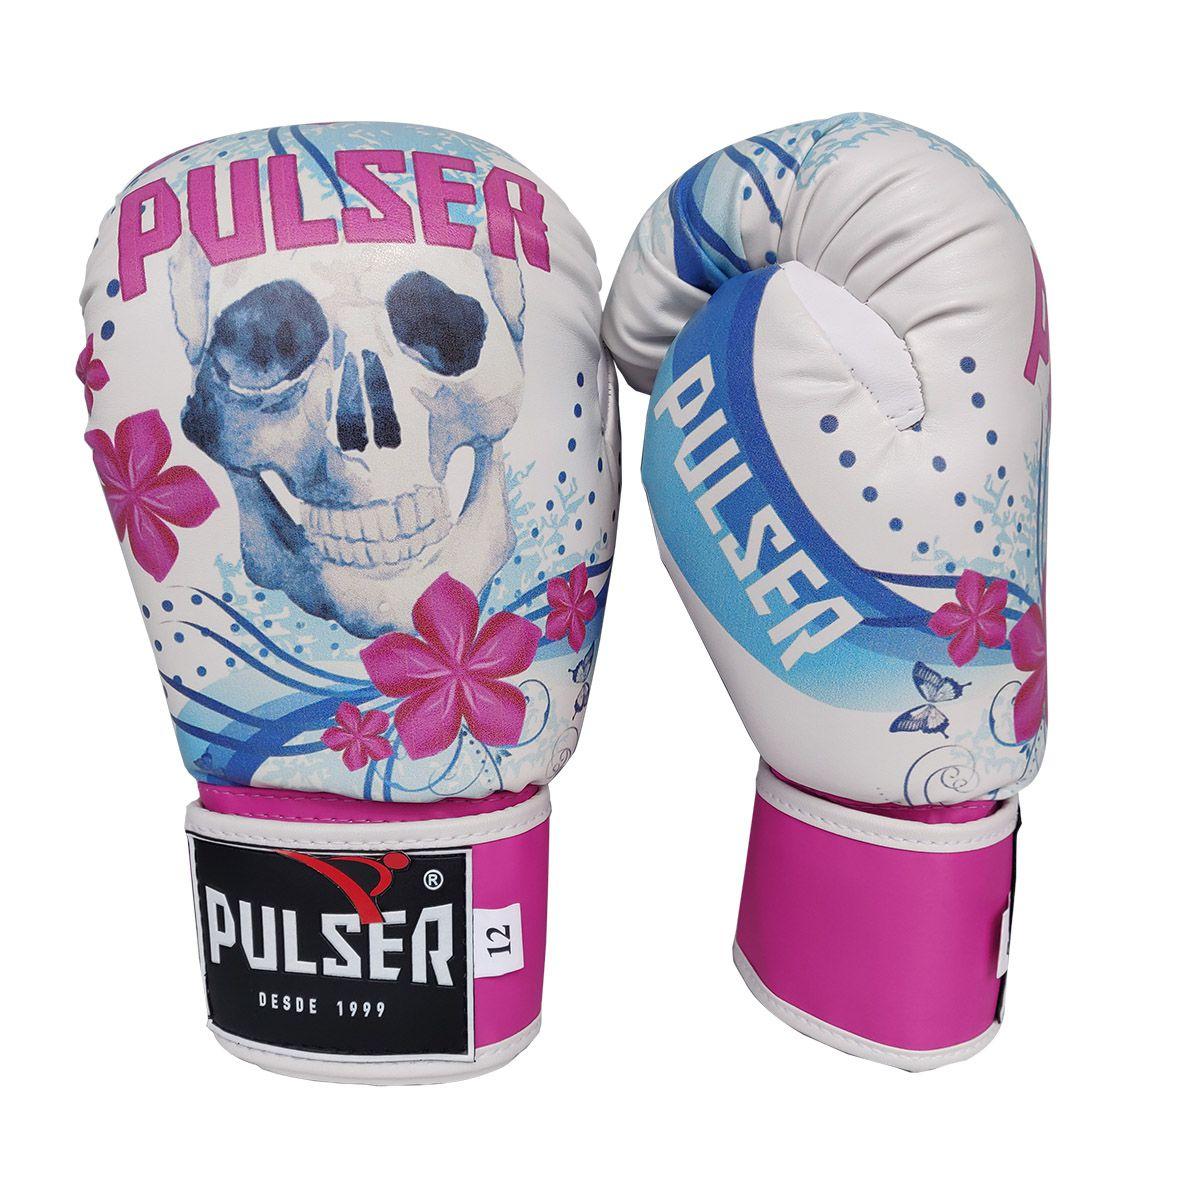 Kit de Boxe / Muay Thai Feminino 10oz - Caveira Azul e Rosa - Pulser  - PRALUTA SHOP